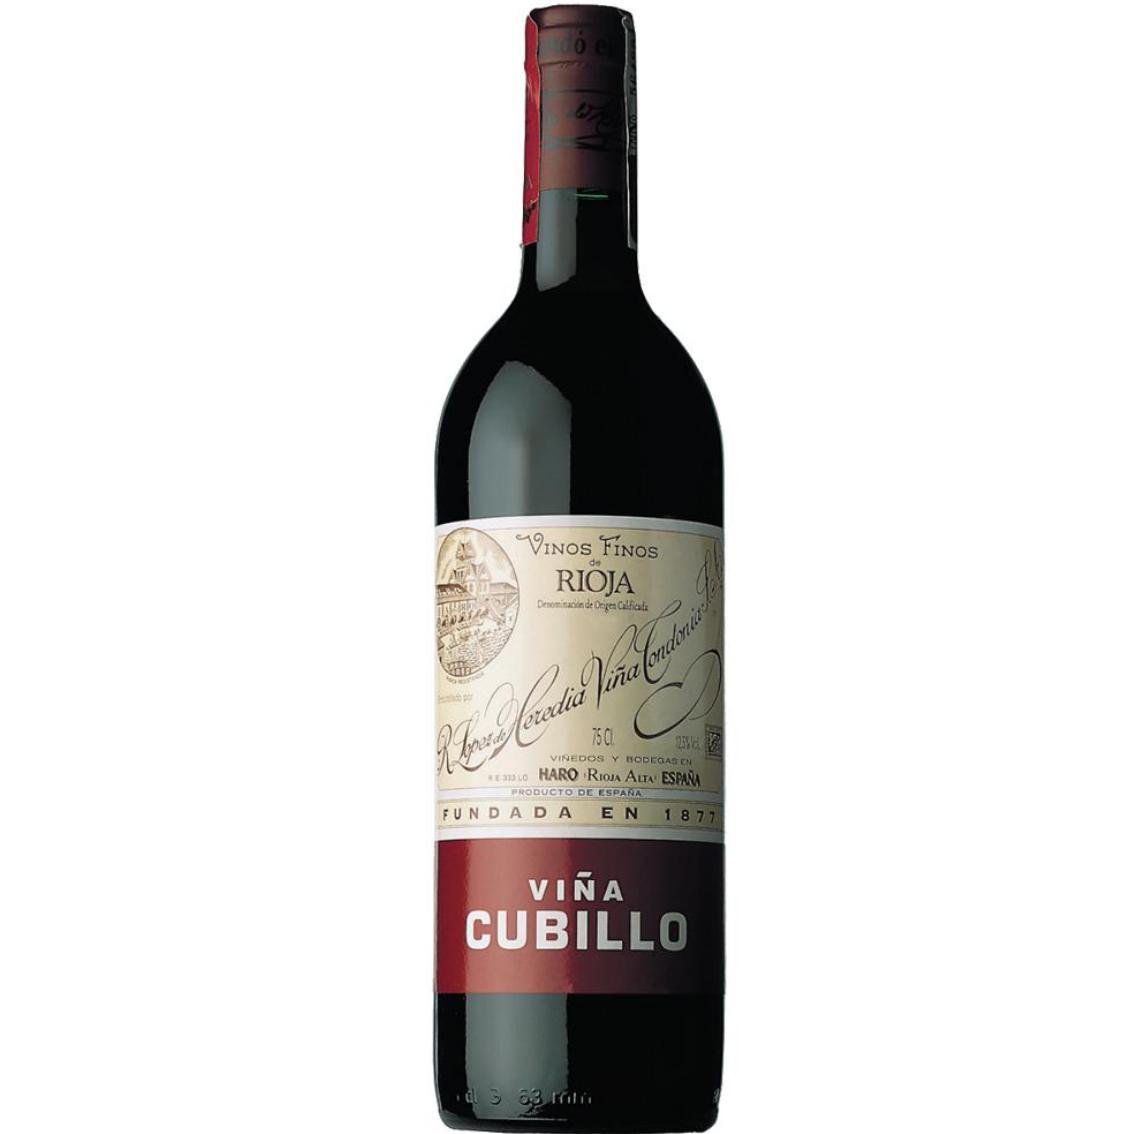 2011 Vina Cubillo Crianza Rioja - Lopez de Heredia